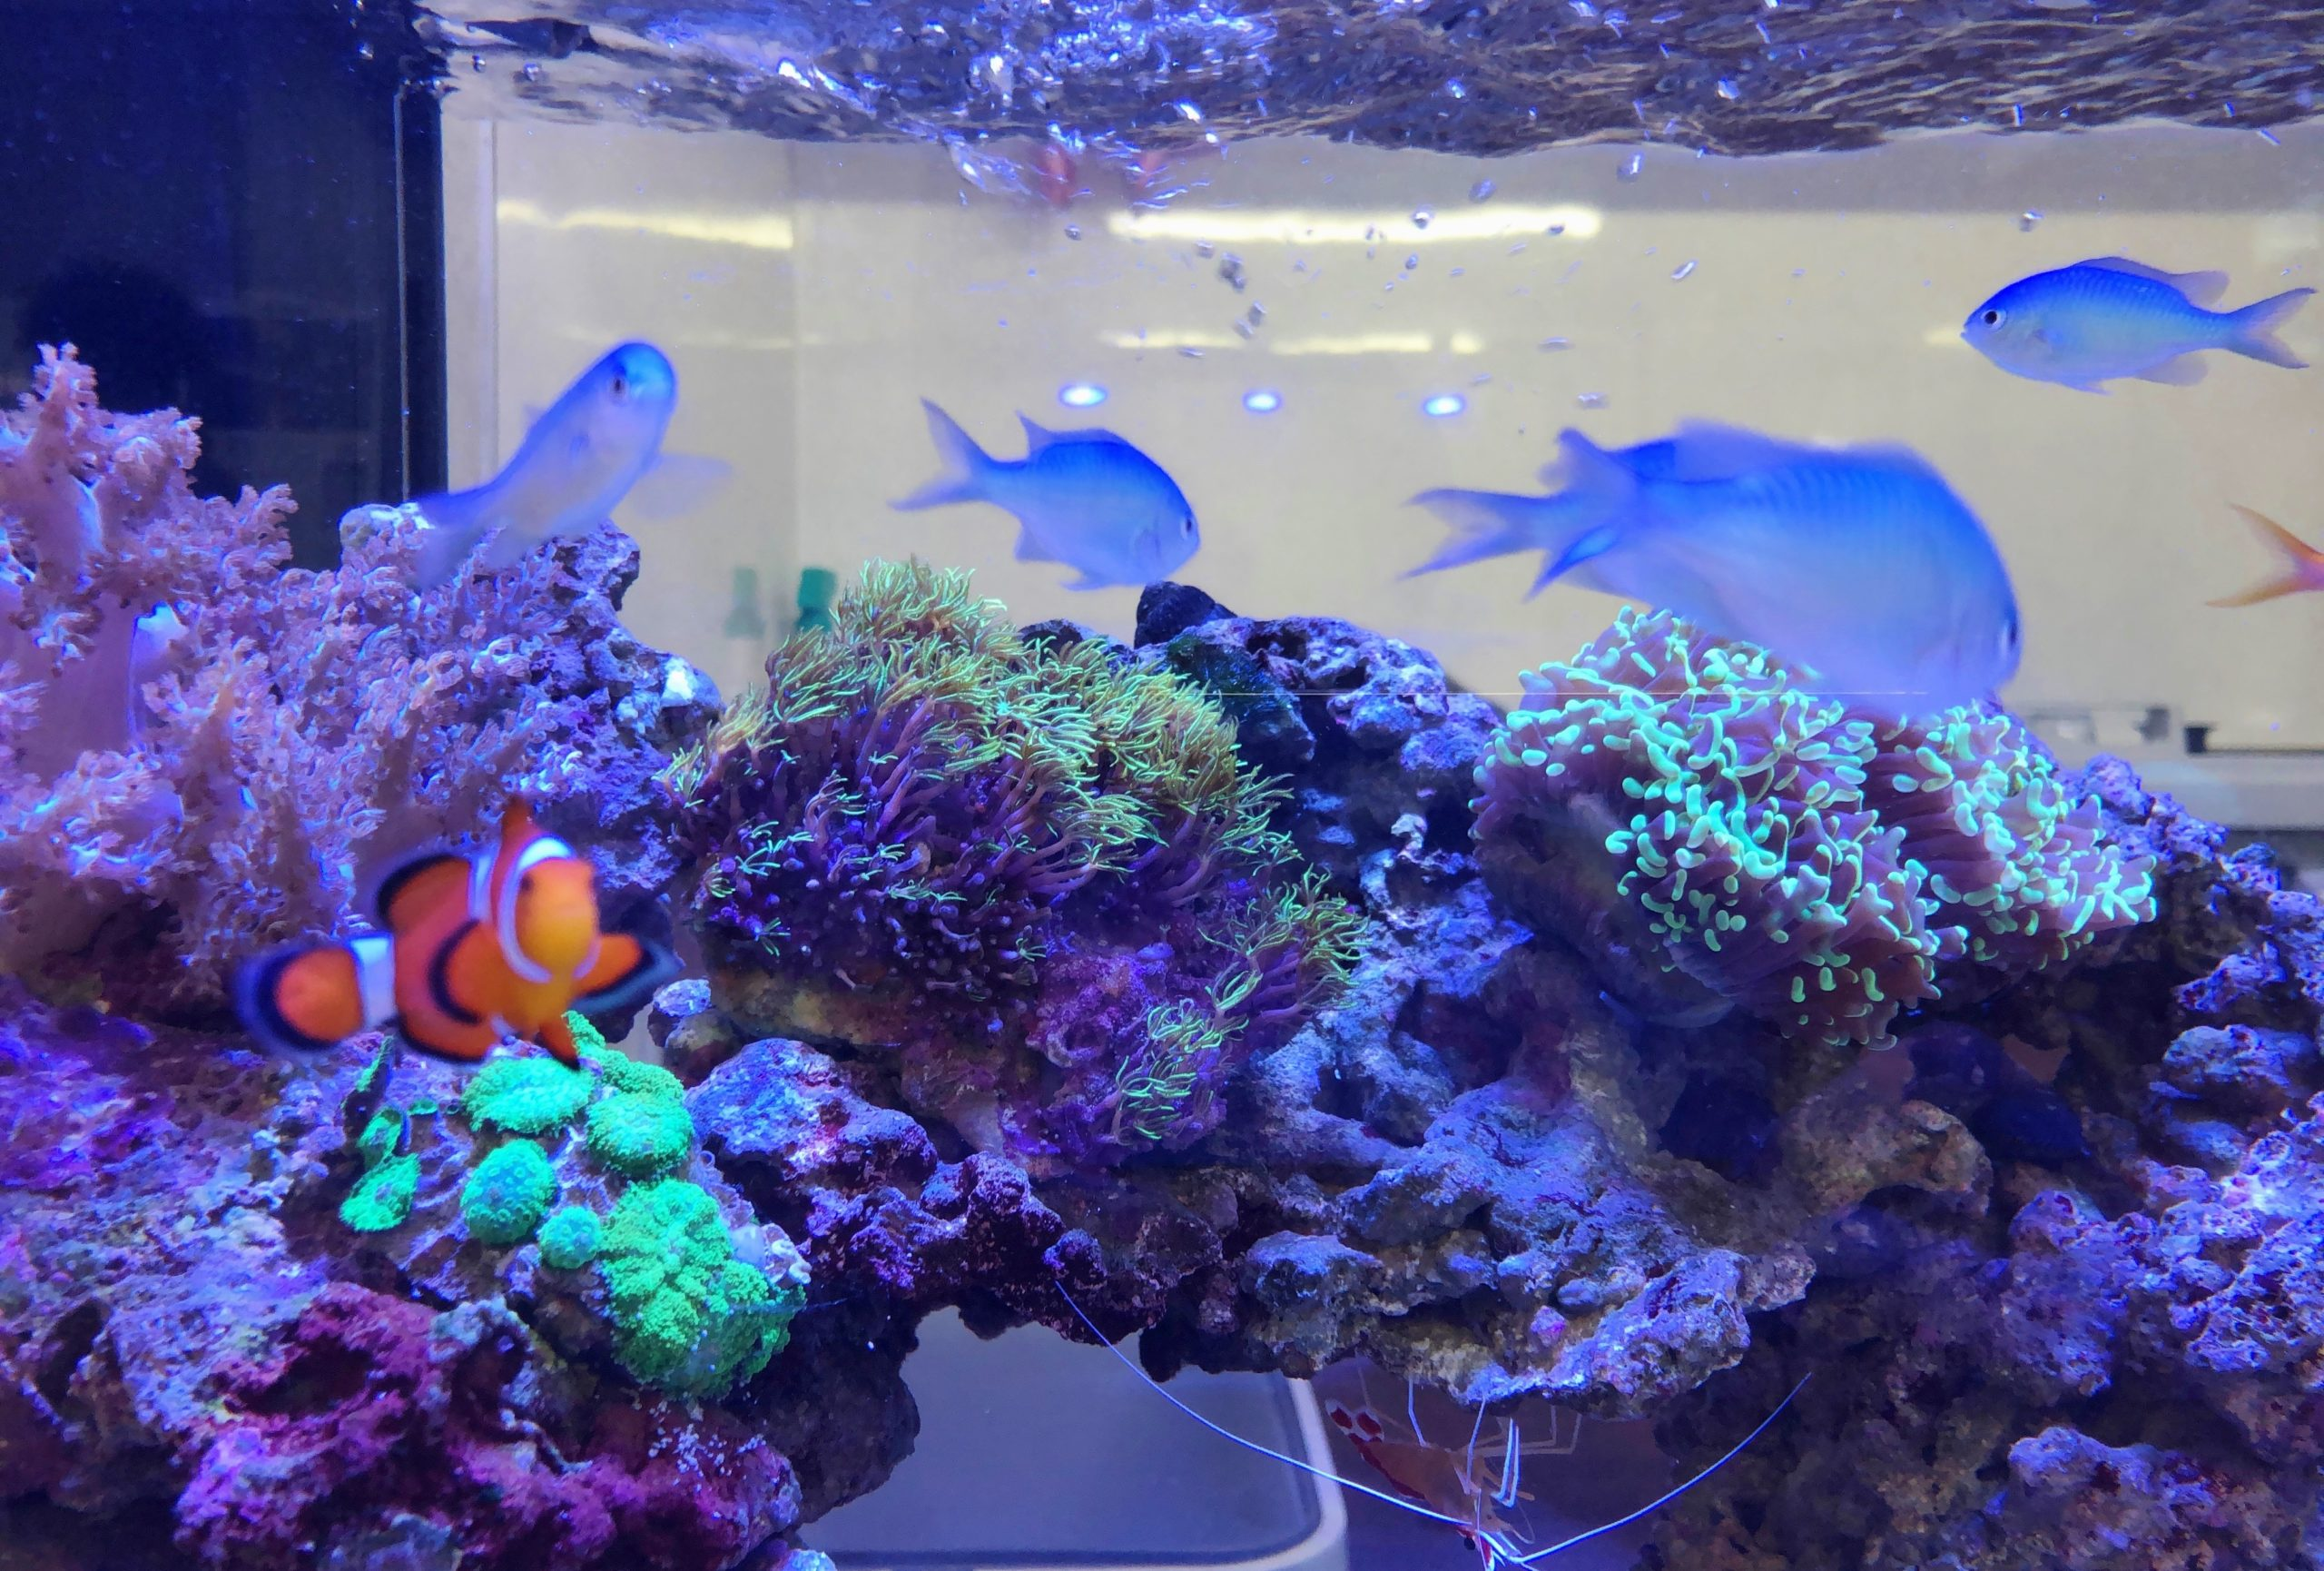 オフィス事務所 120cm海水魚水槽 アップ画像